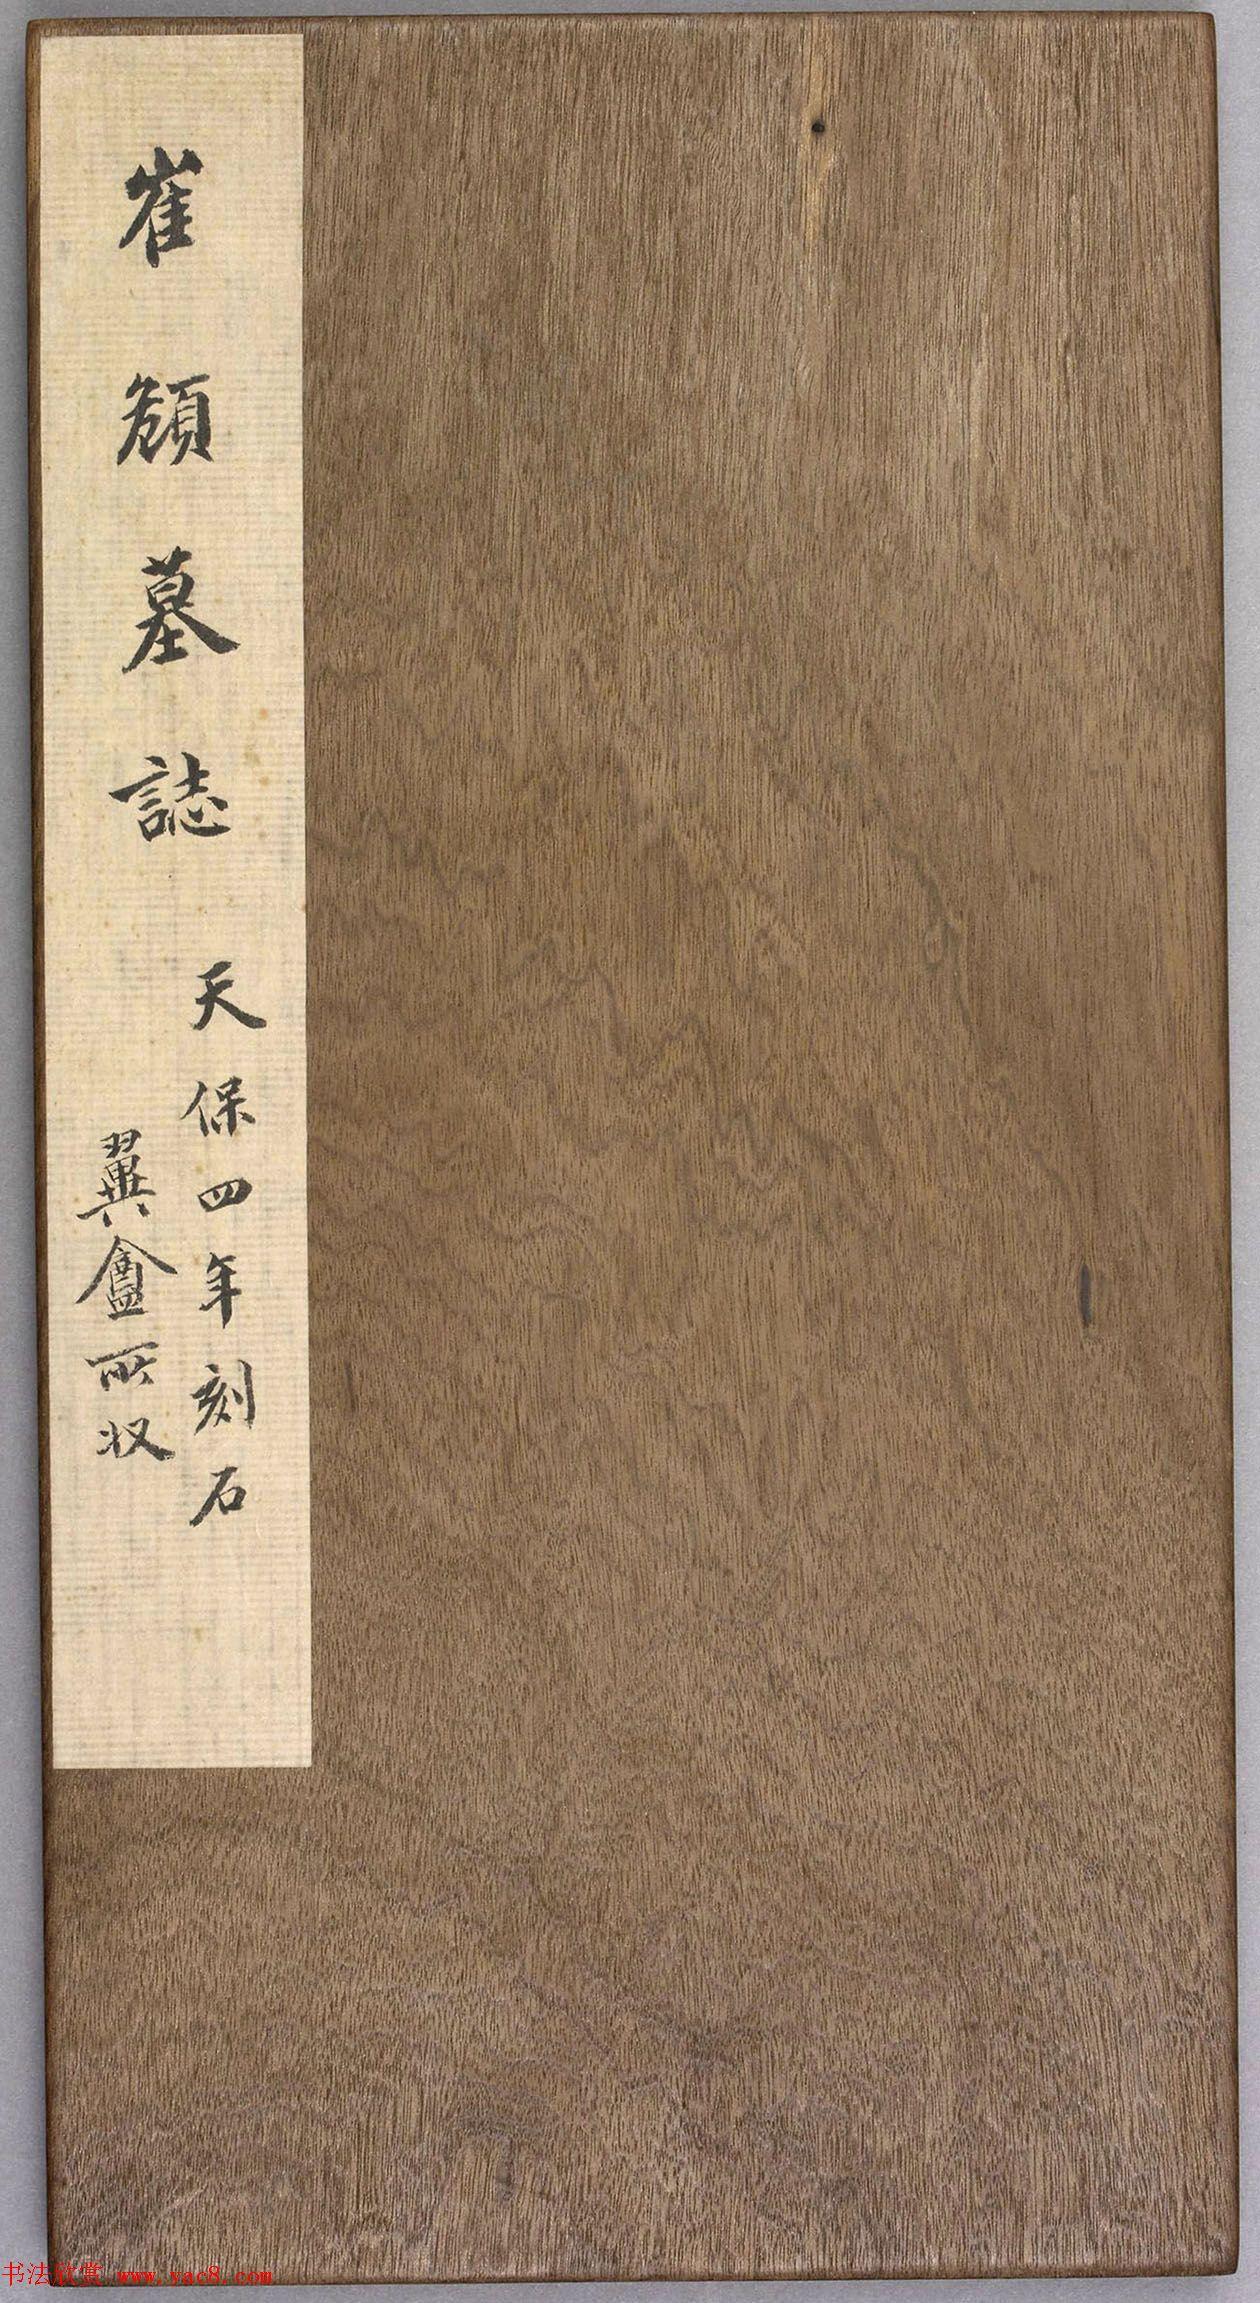 北魏书法刻石《崔頠墓志》清拓本